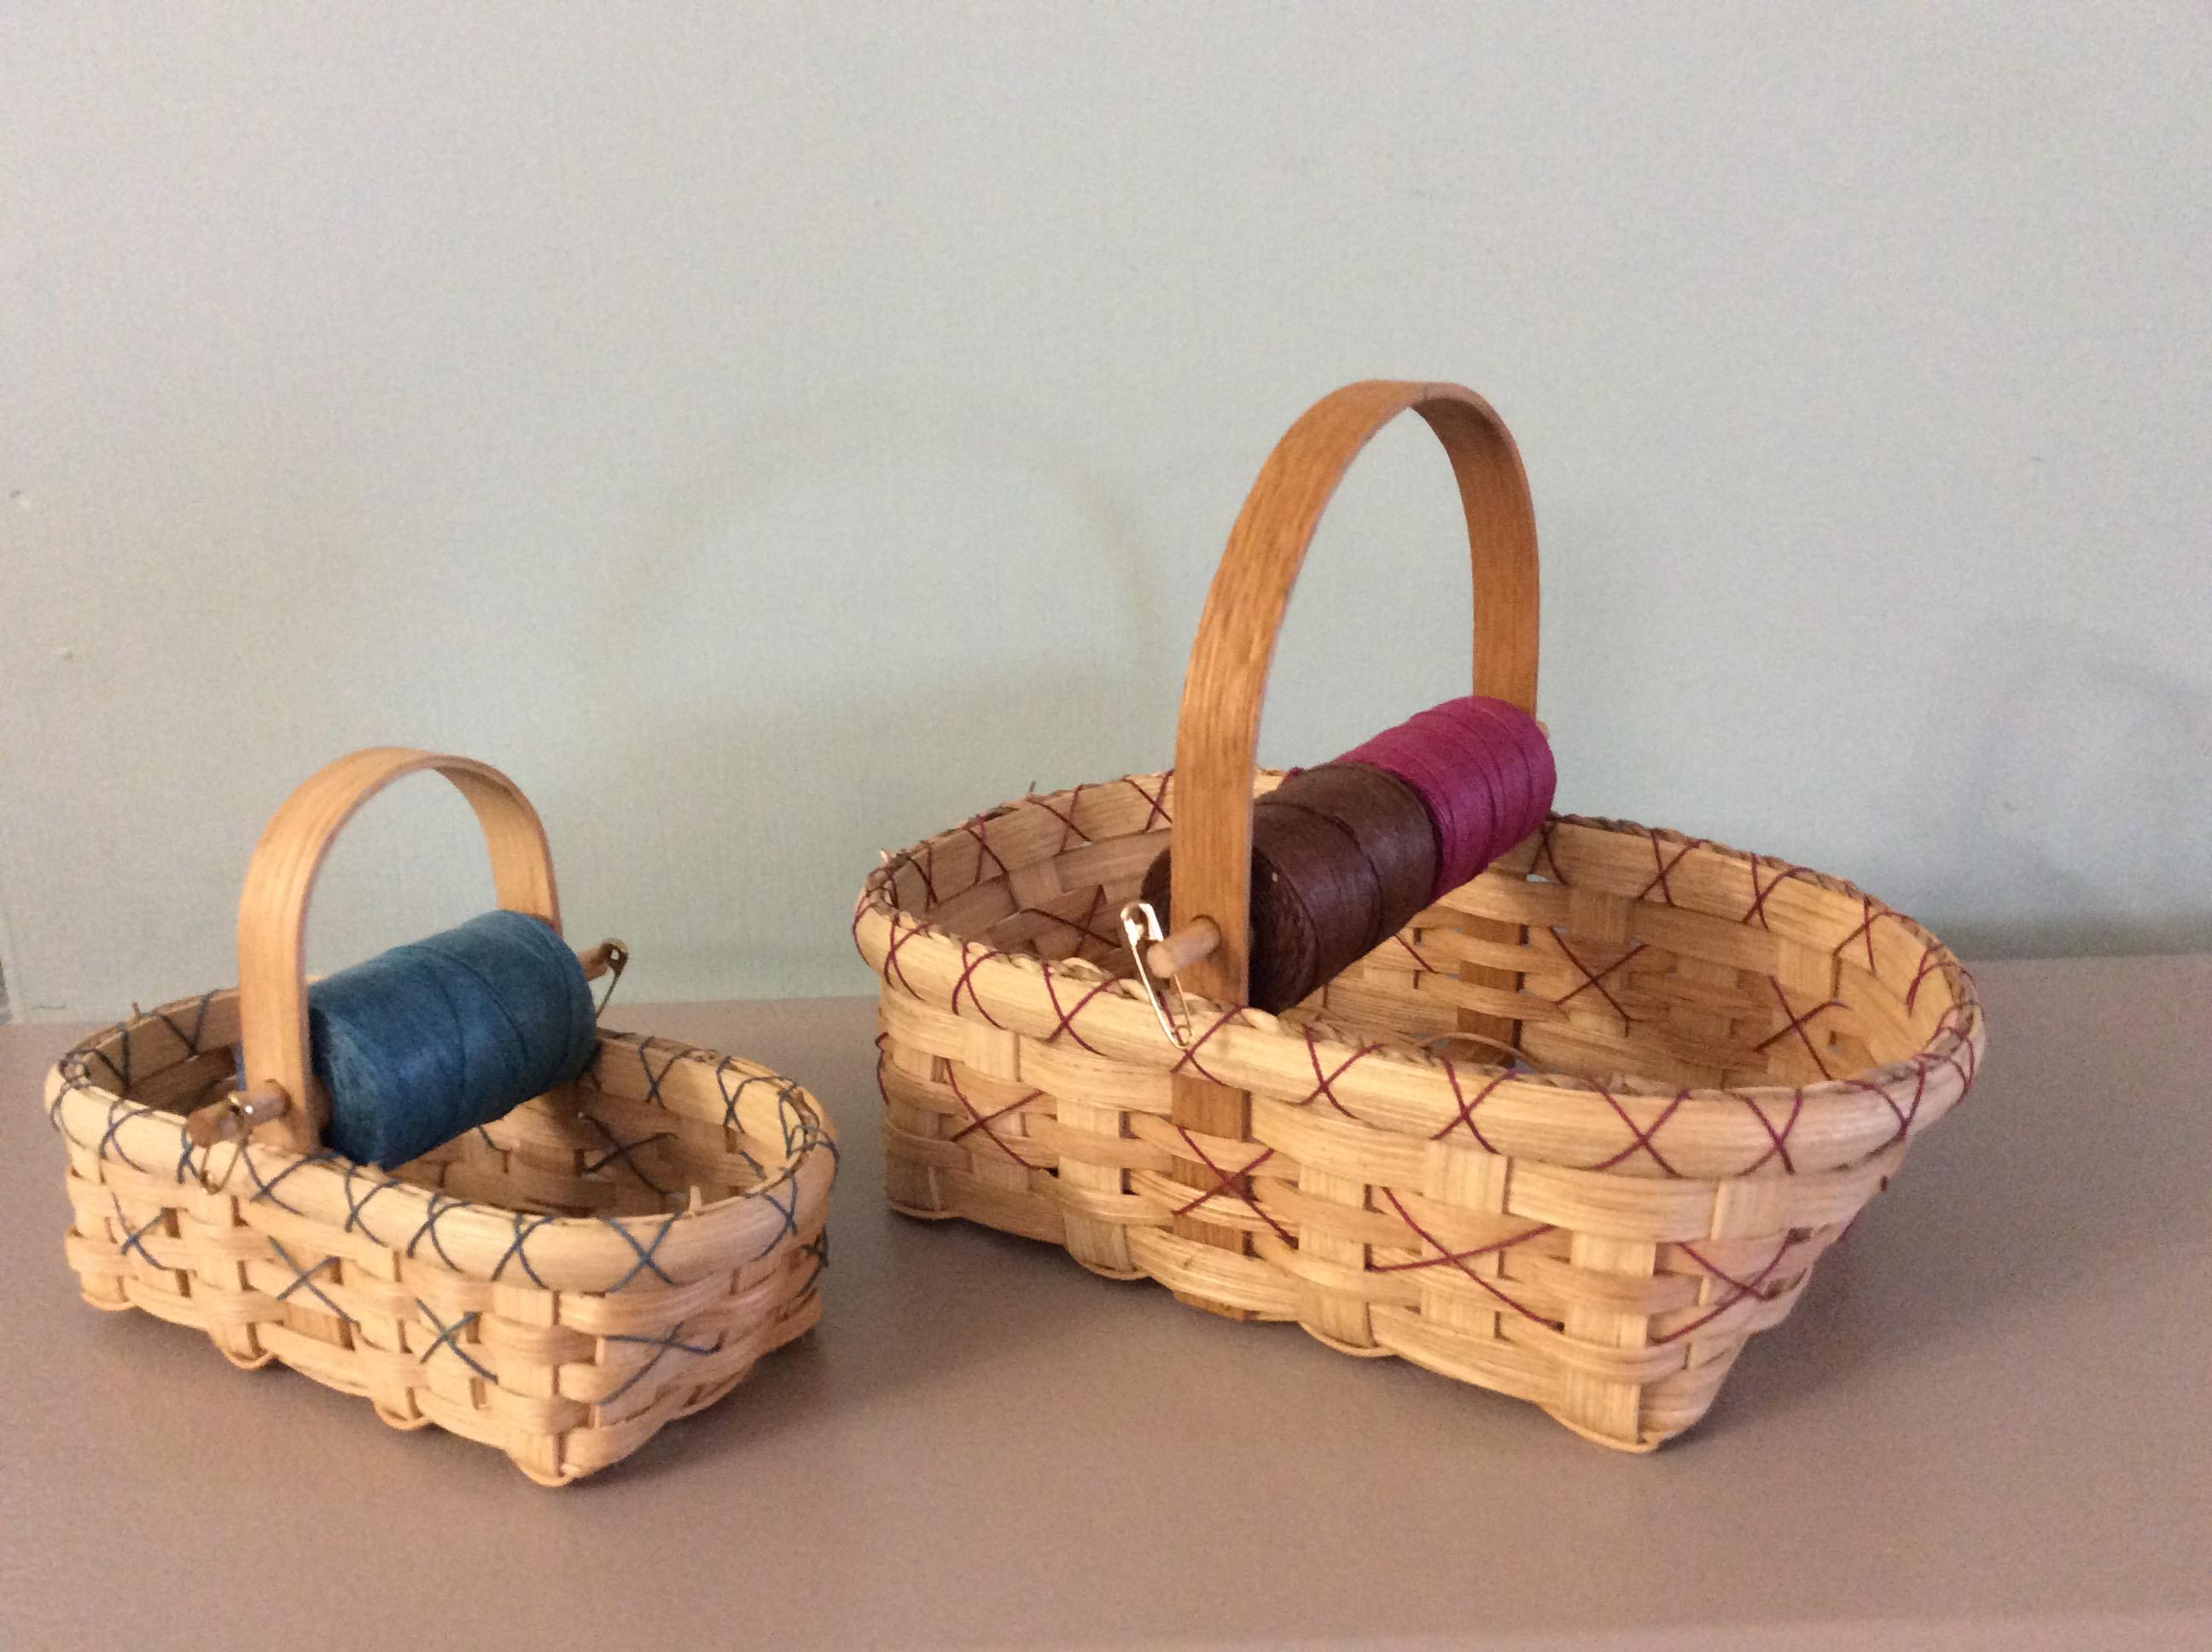 Basket Weaving Kits Beginner : Beginner kits